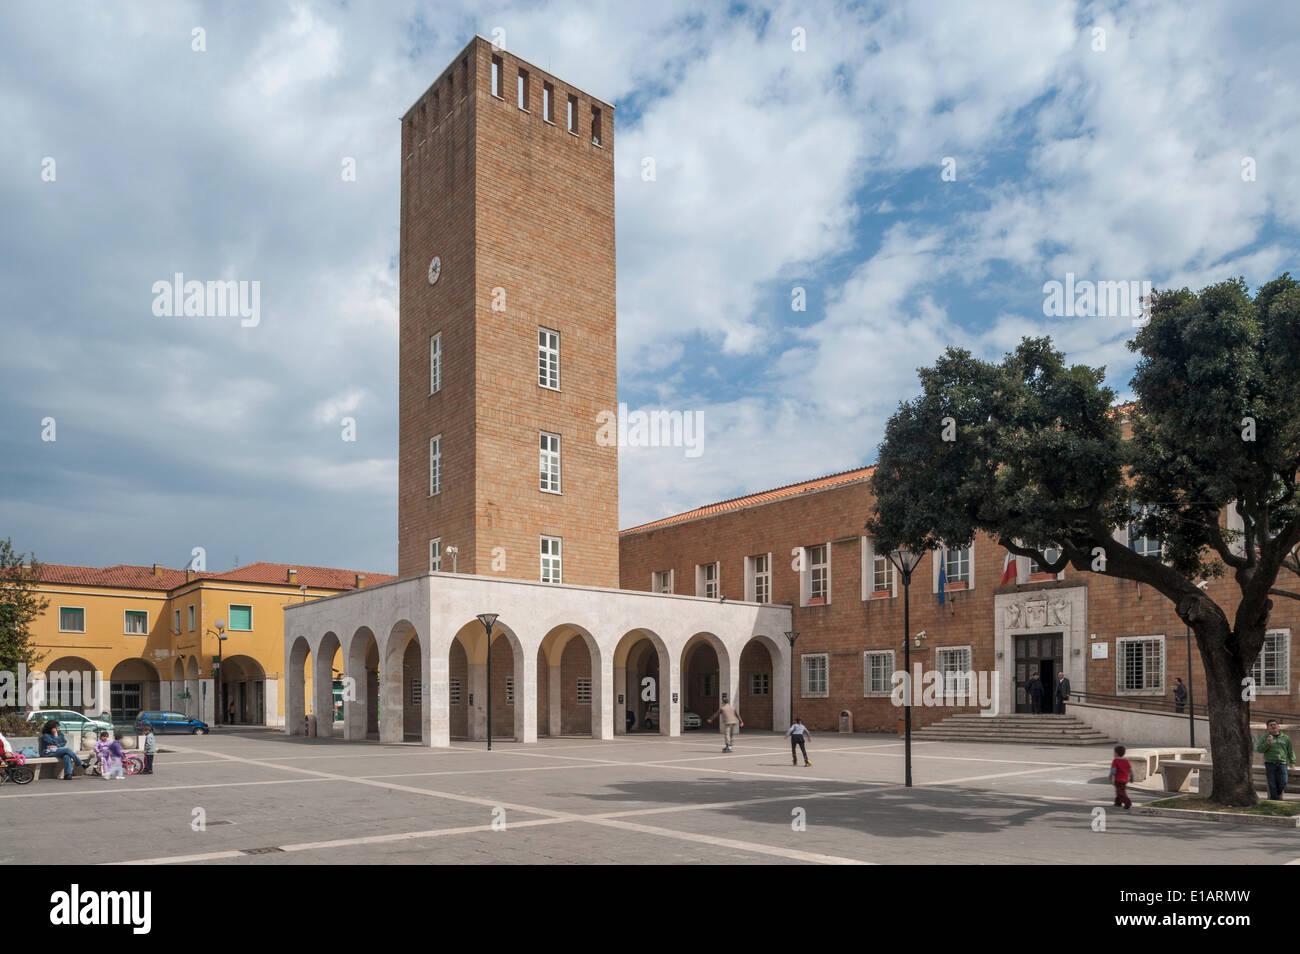 Hôtel de ville avec la tour de ville, l'architecture monumentale, l'Italien rationalisme, Pomezia, lazio, Italie Photo Stock